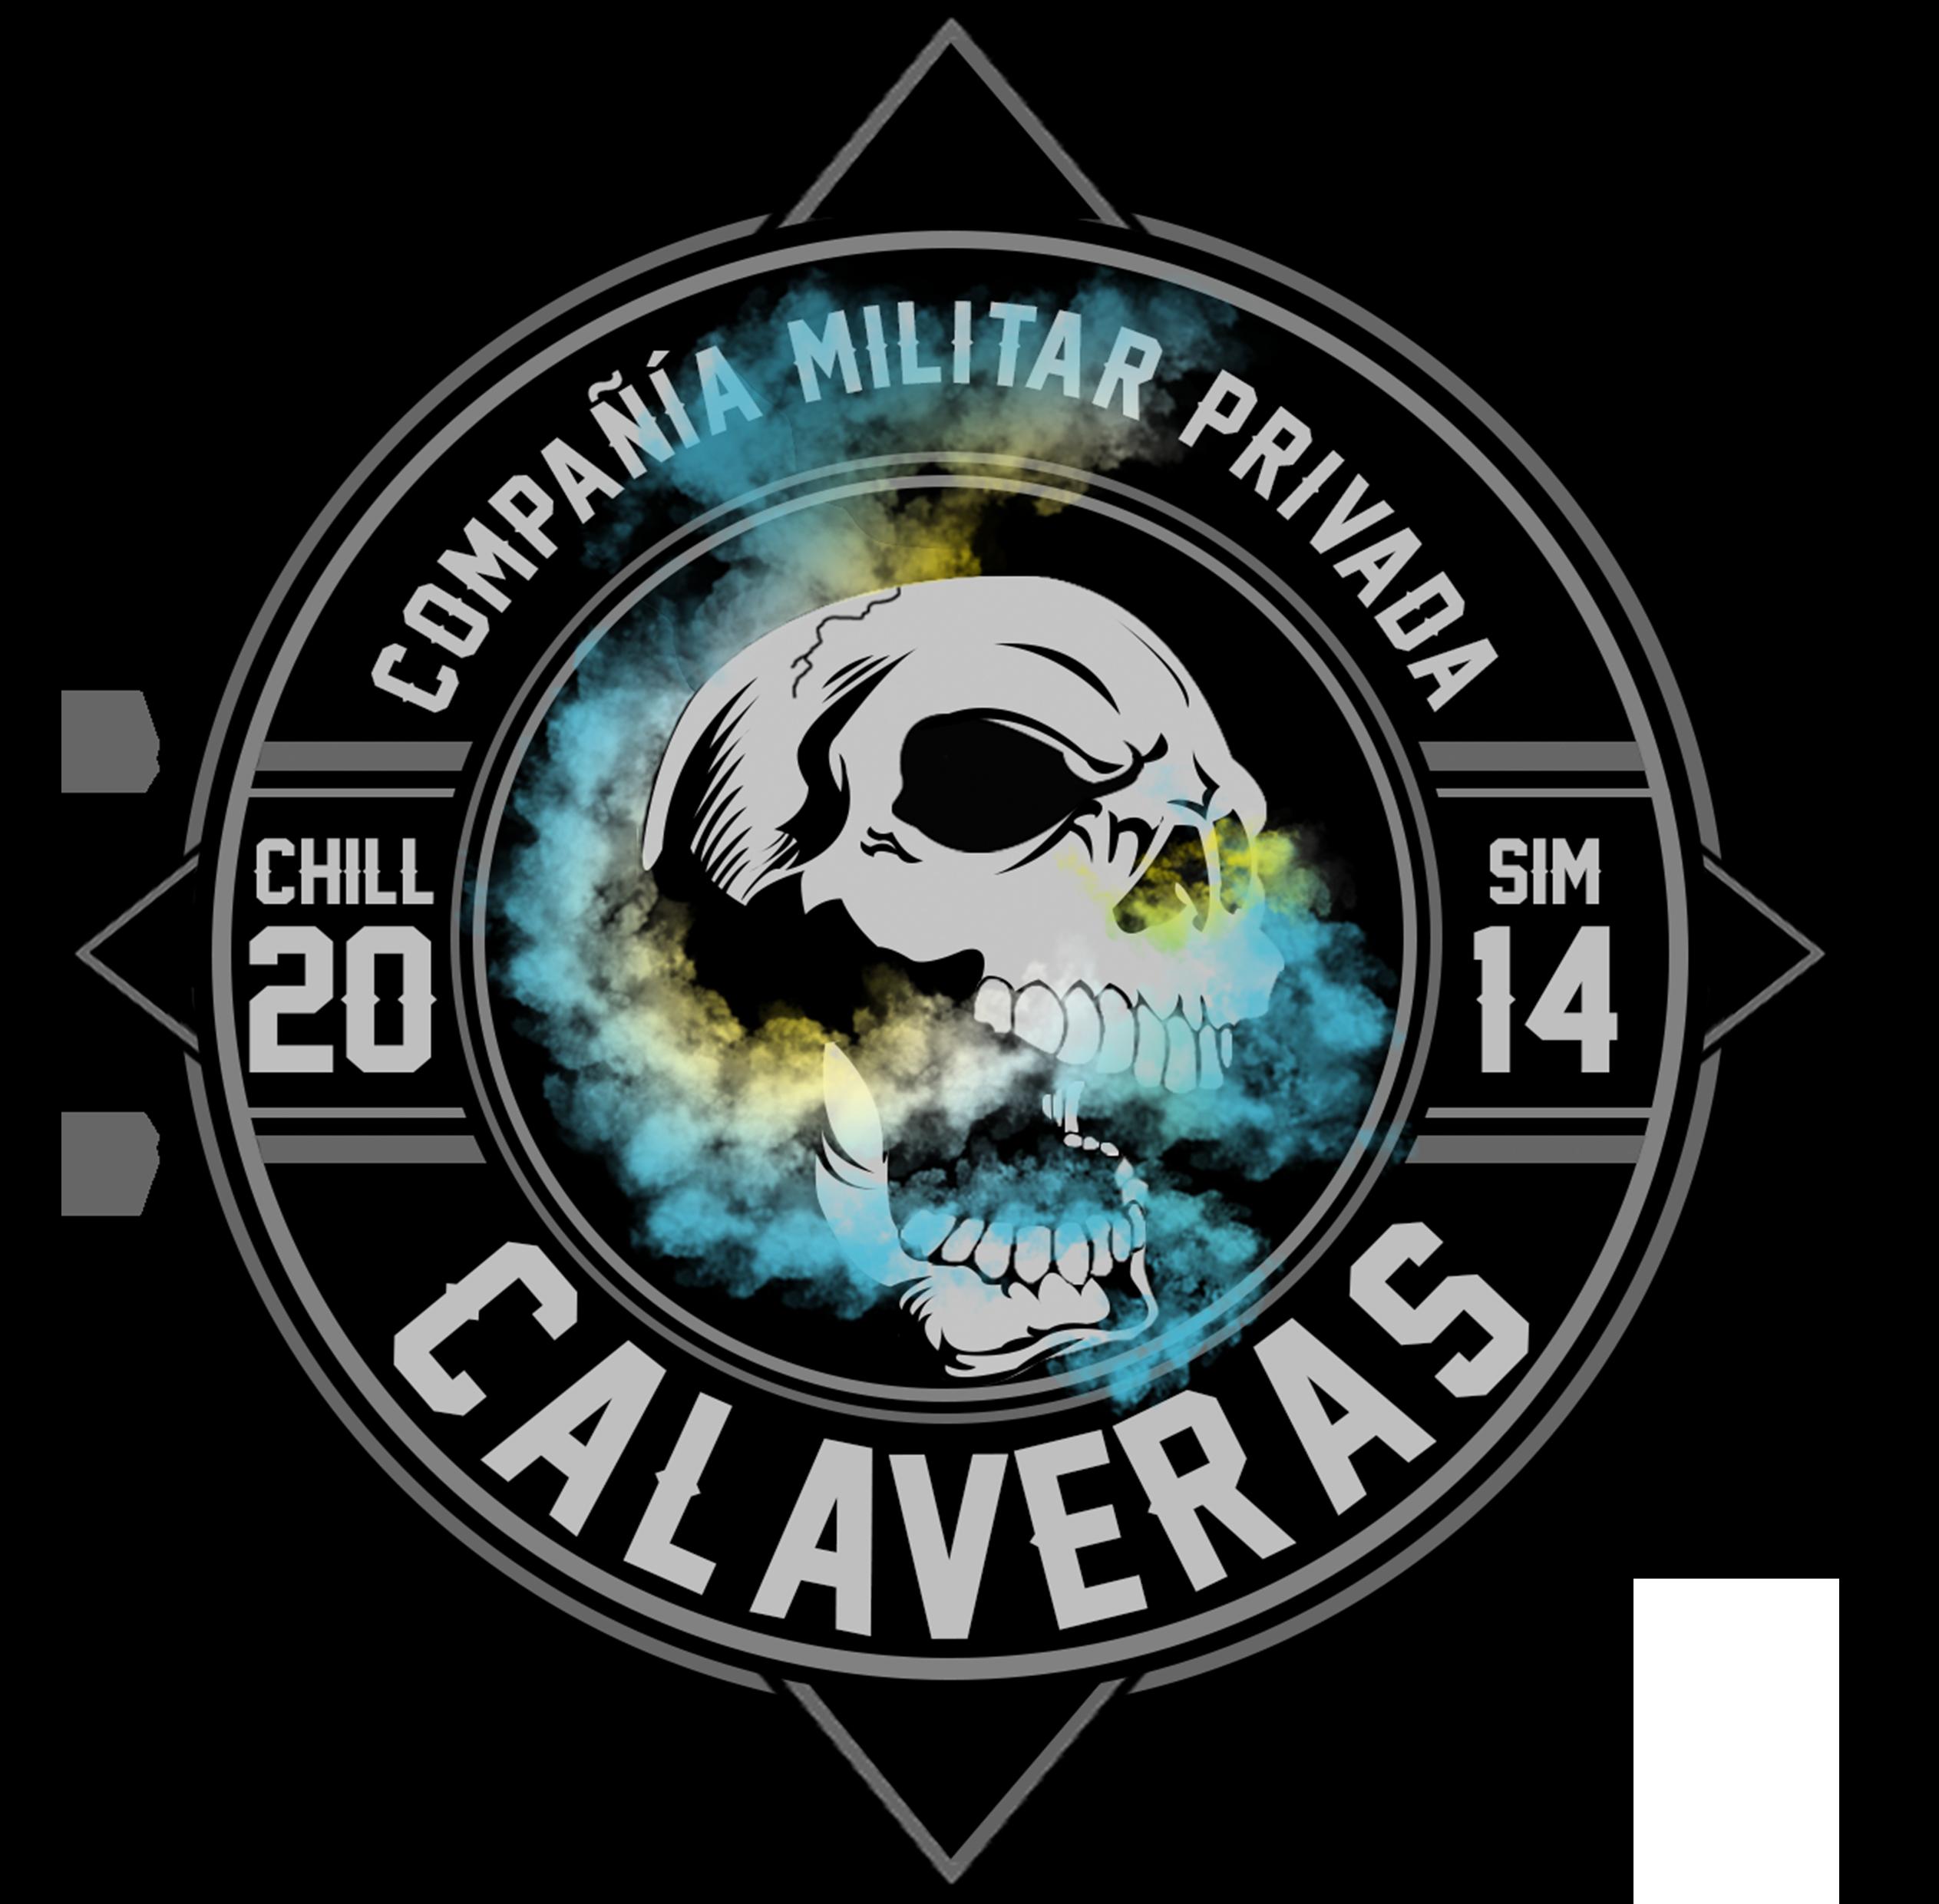 Compania Militar Privada (Calaveras)